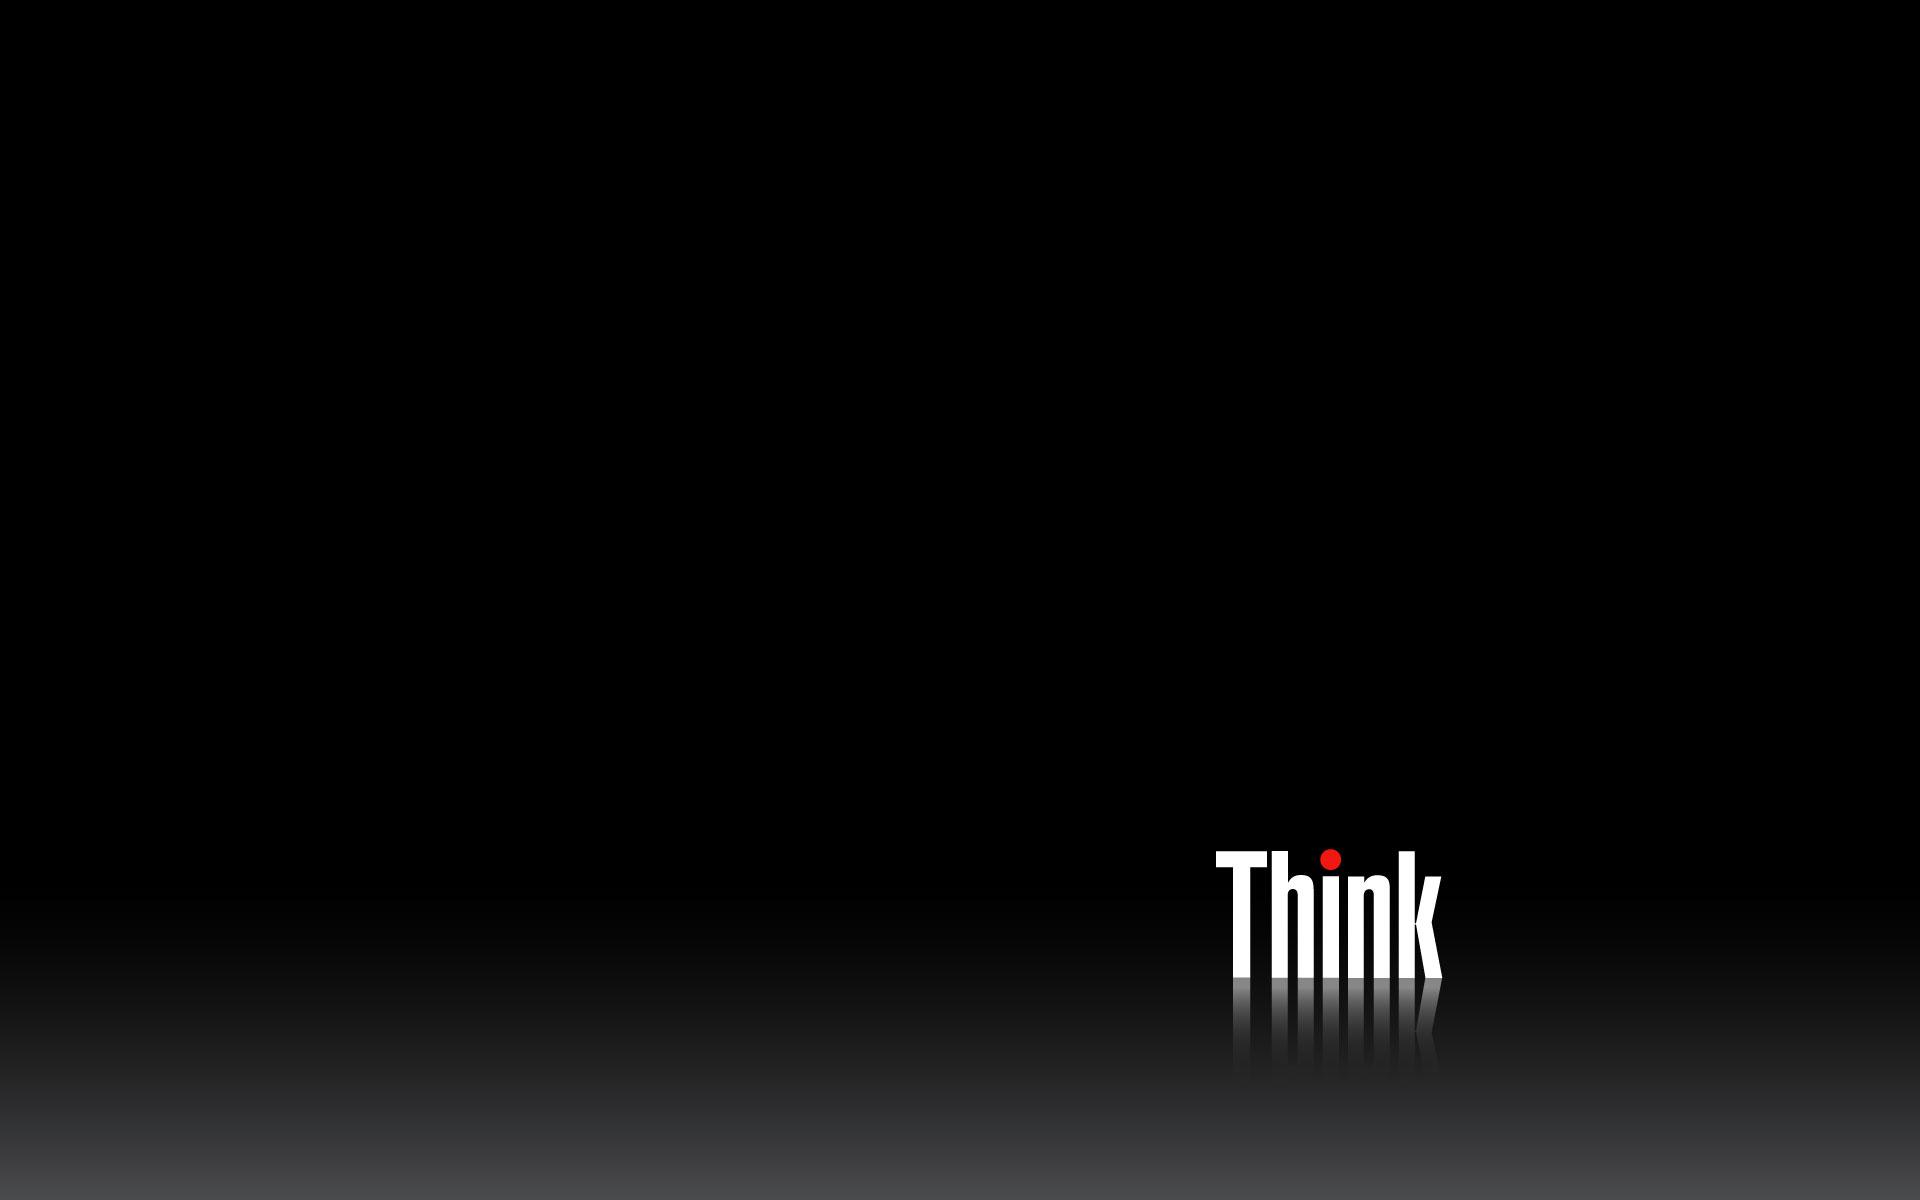 Thinkpad wallpaper Wallpaper Wide HD 1920x1200